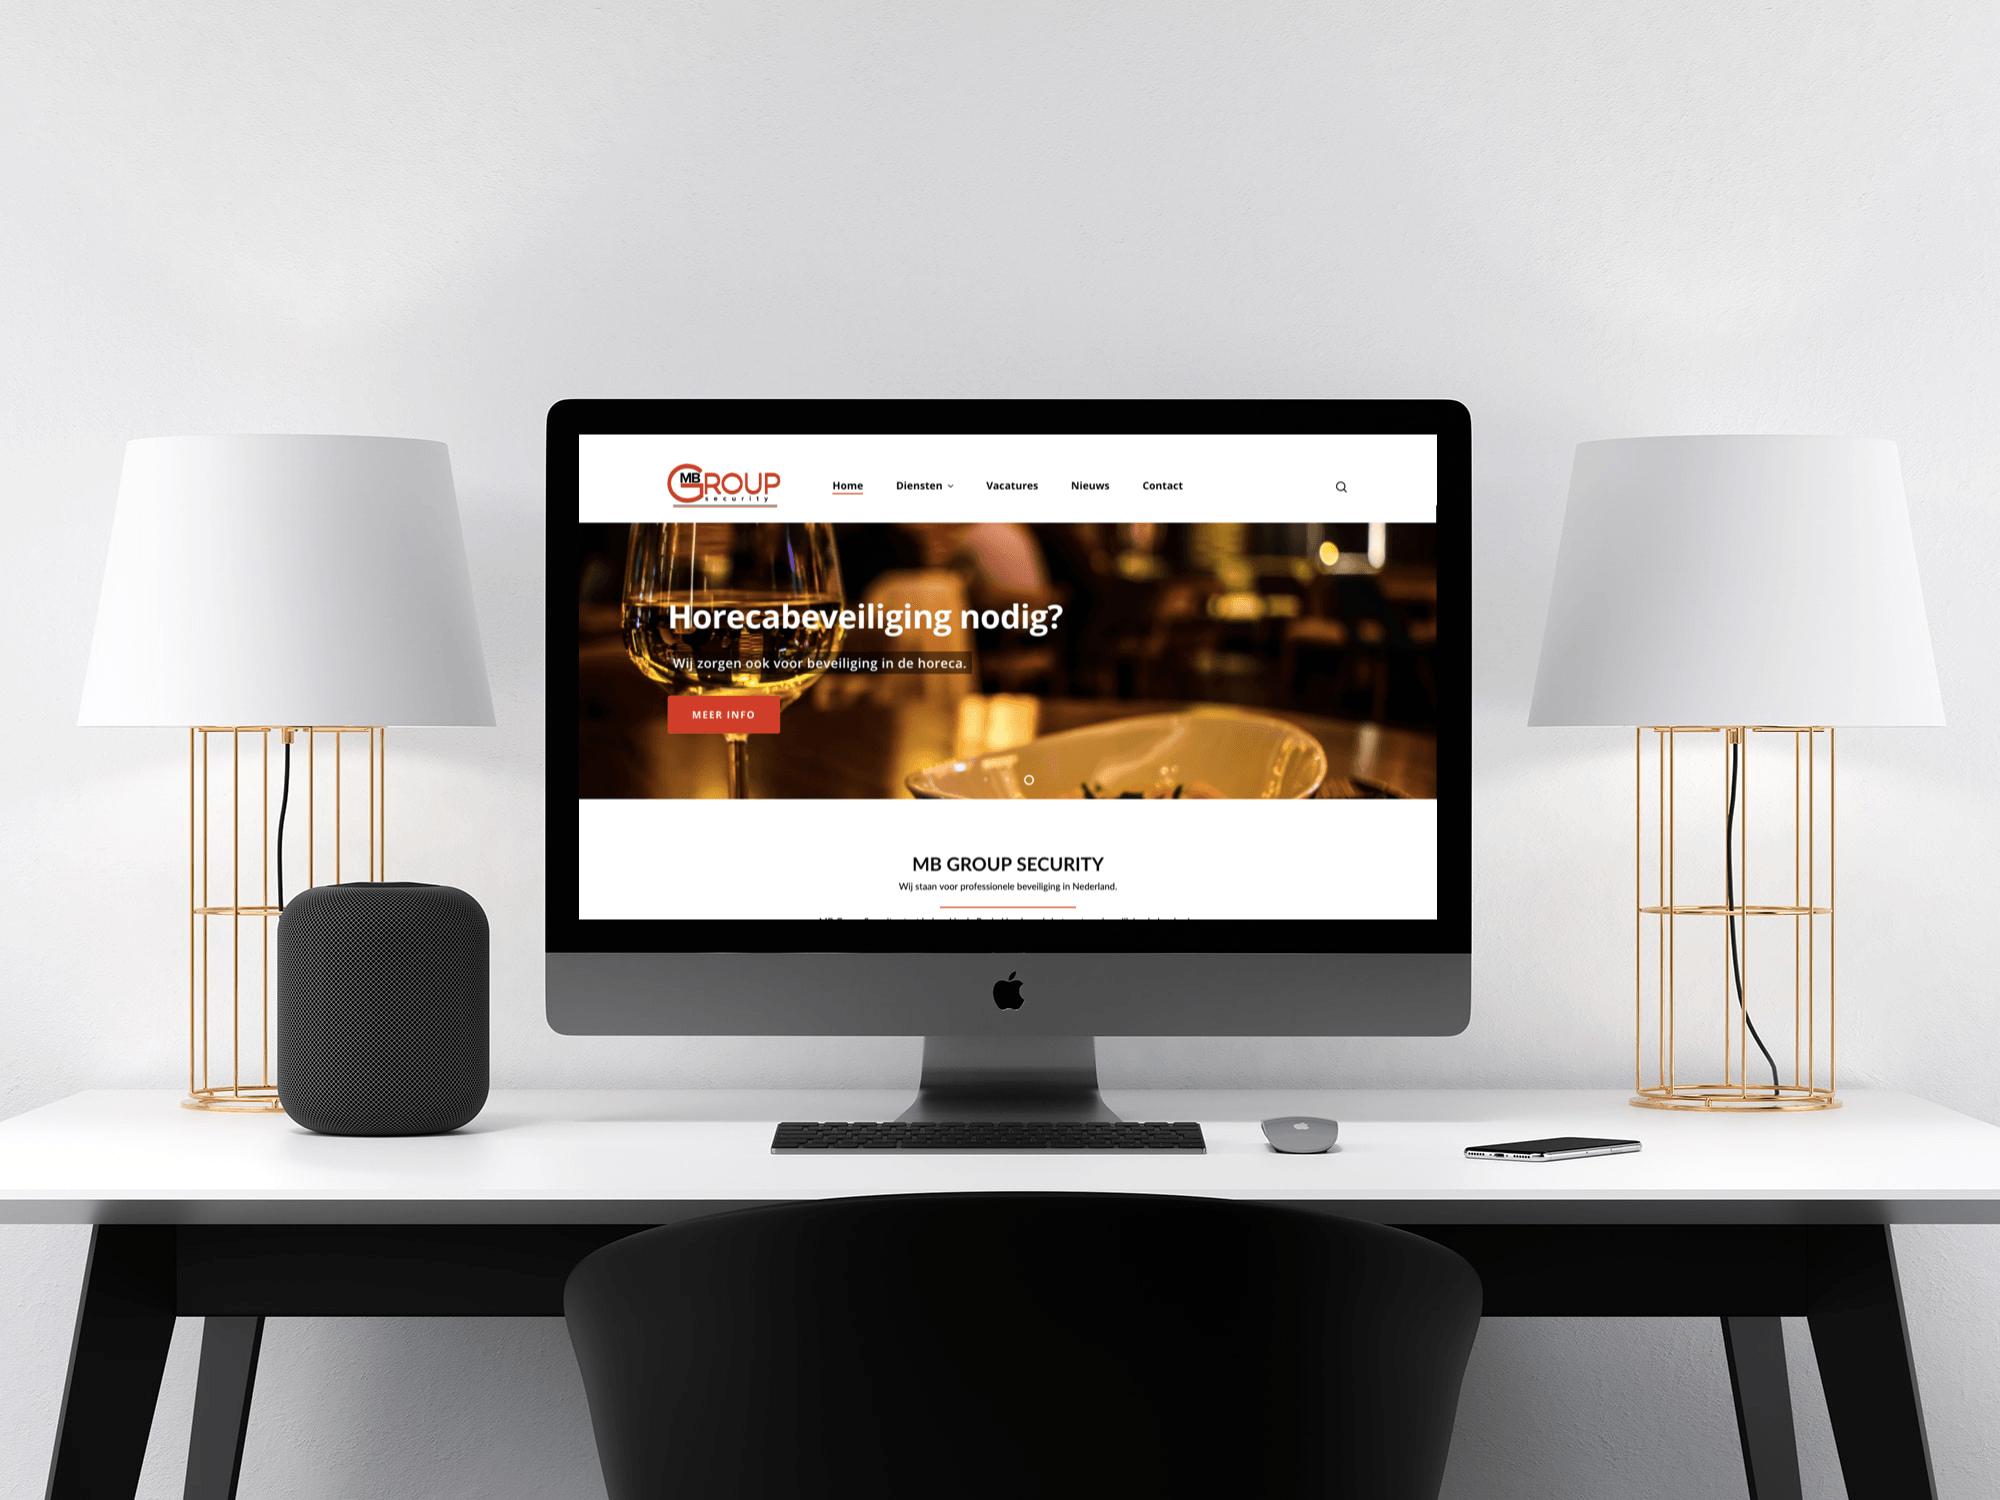 webdesign amsterdam gebouwd door lion creations voor het bedrijf mb group security